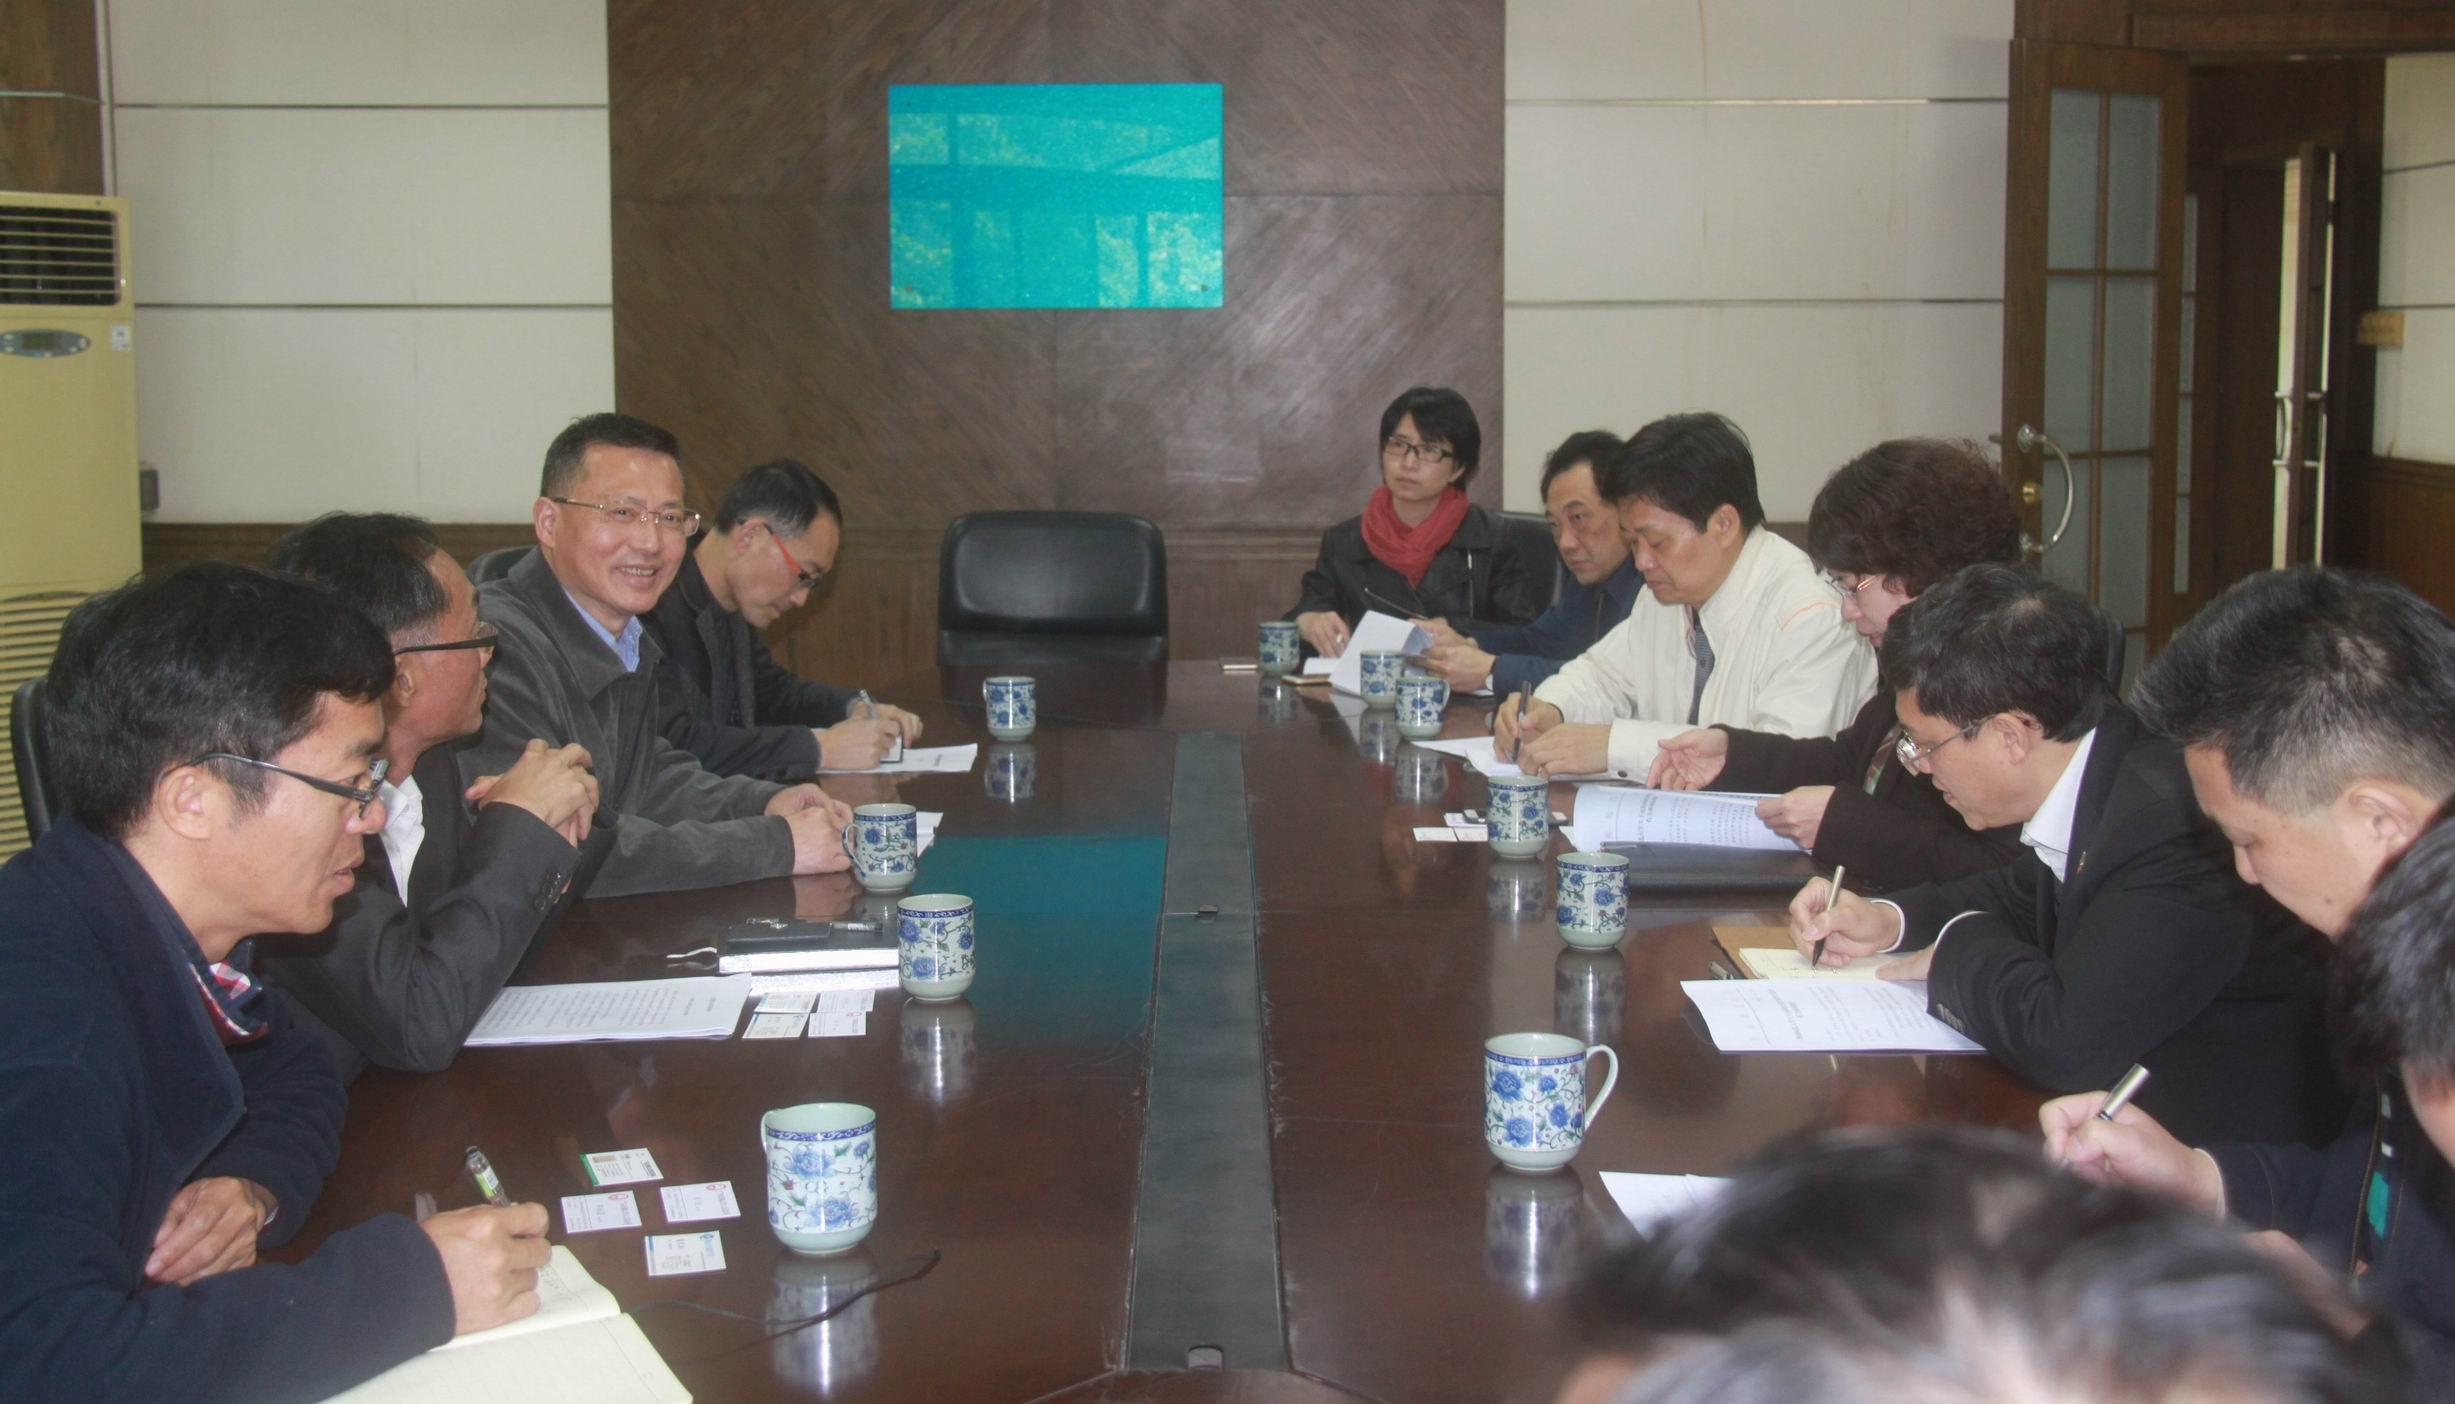 佛山市副市长俞进一行到南海校区考察指导.jpg